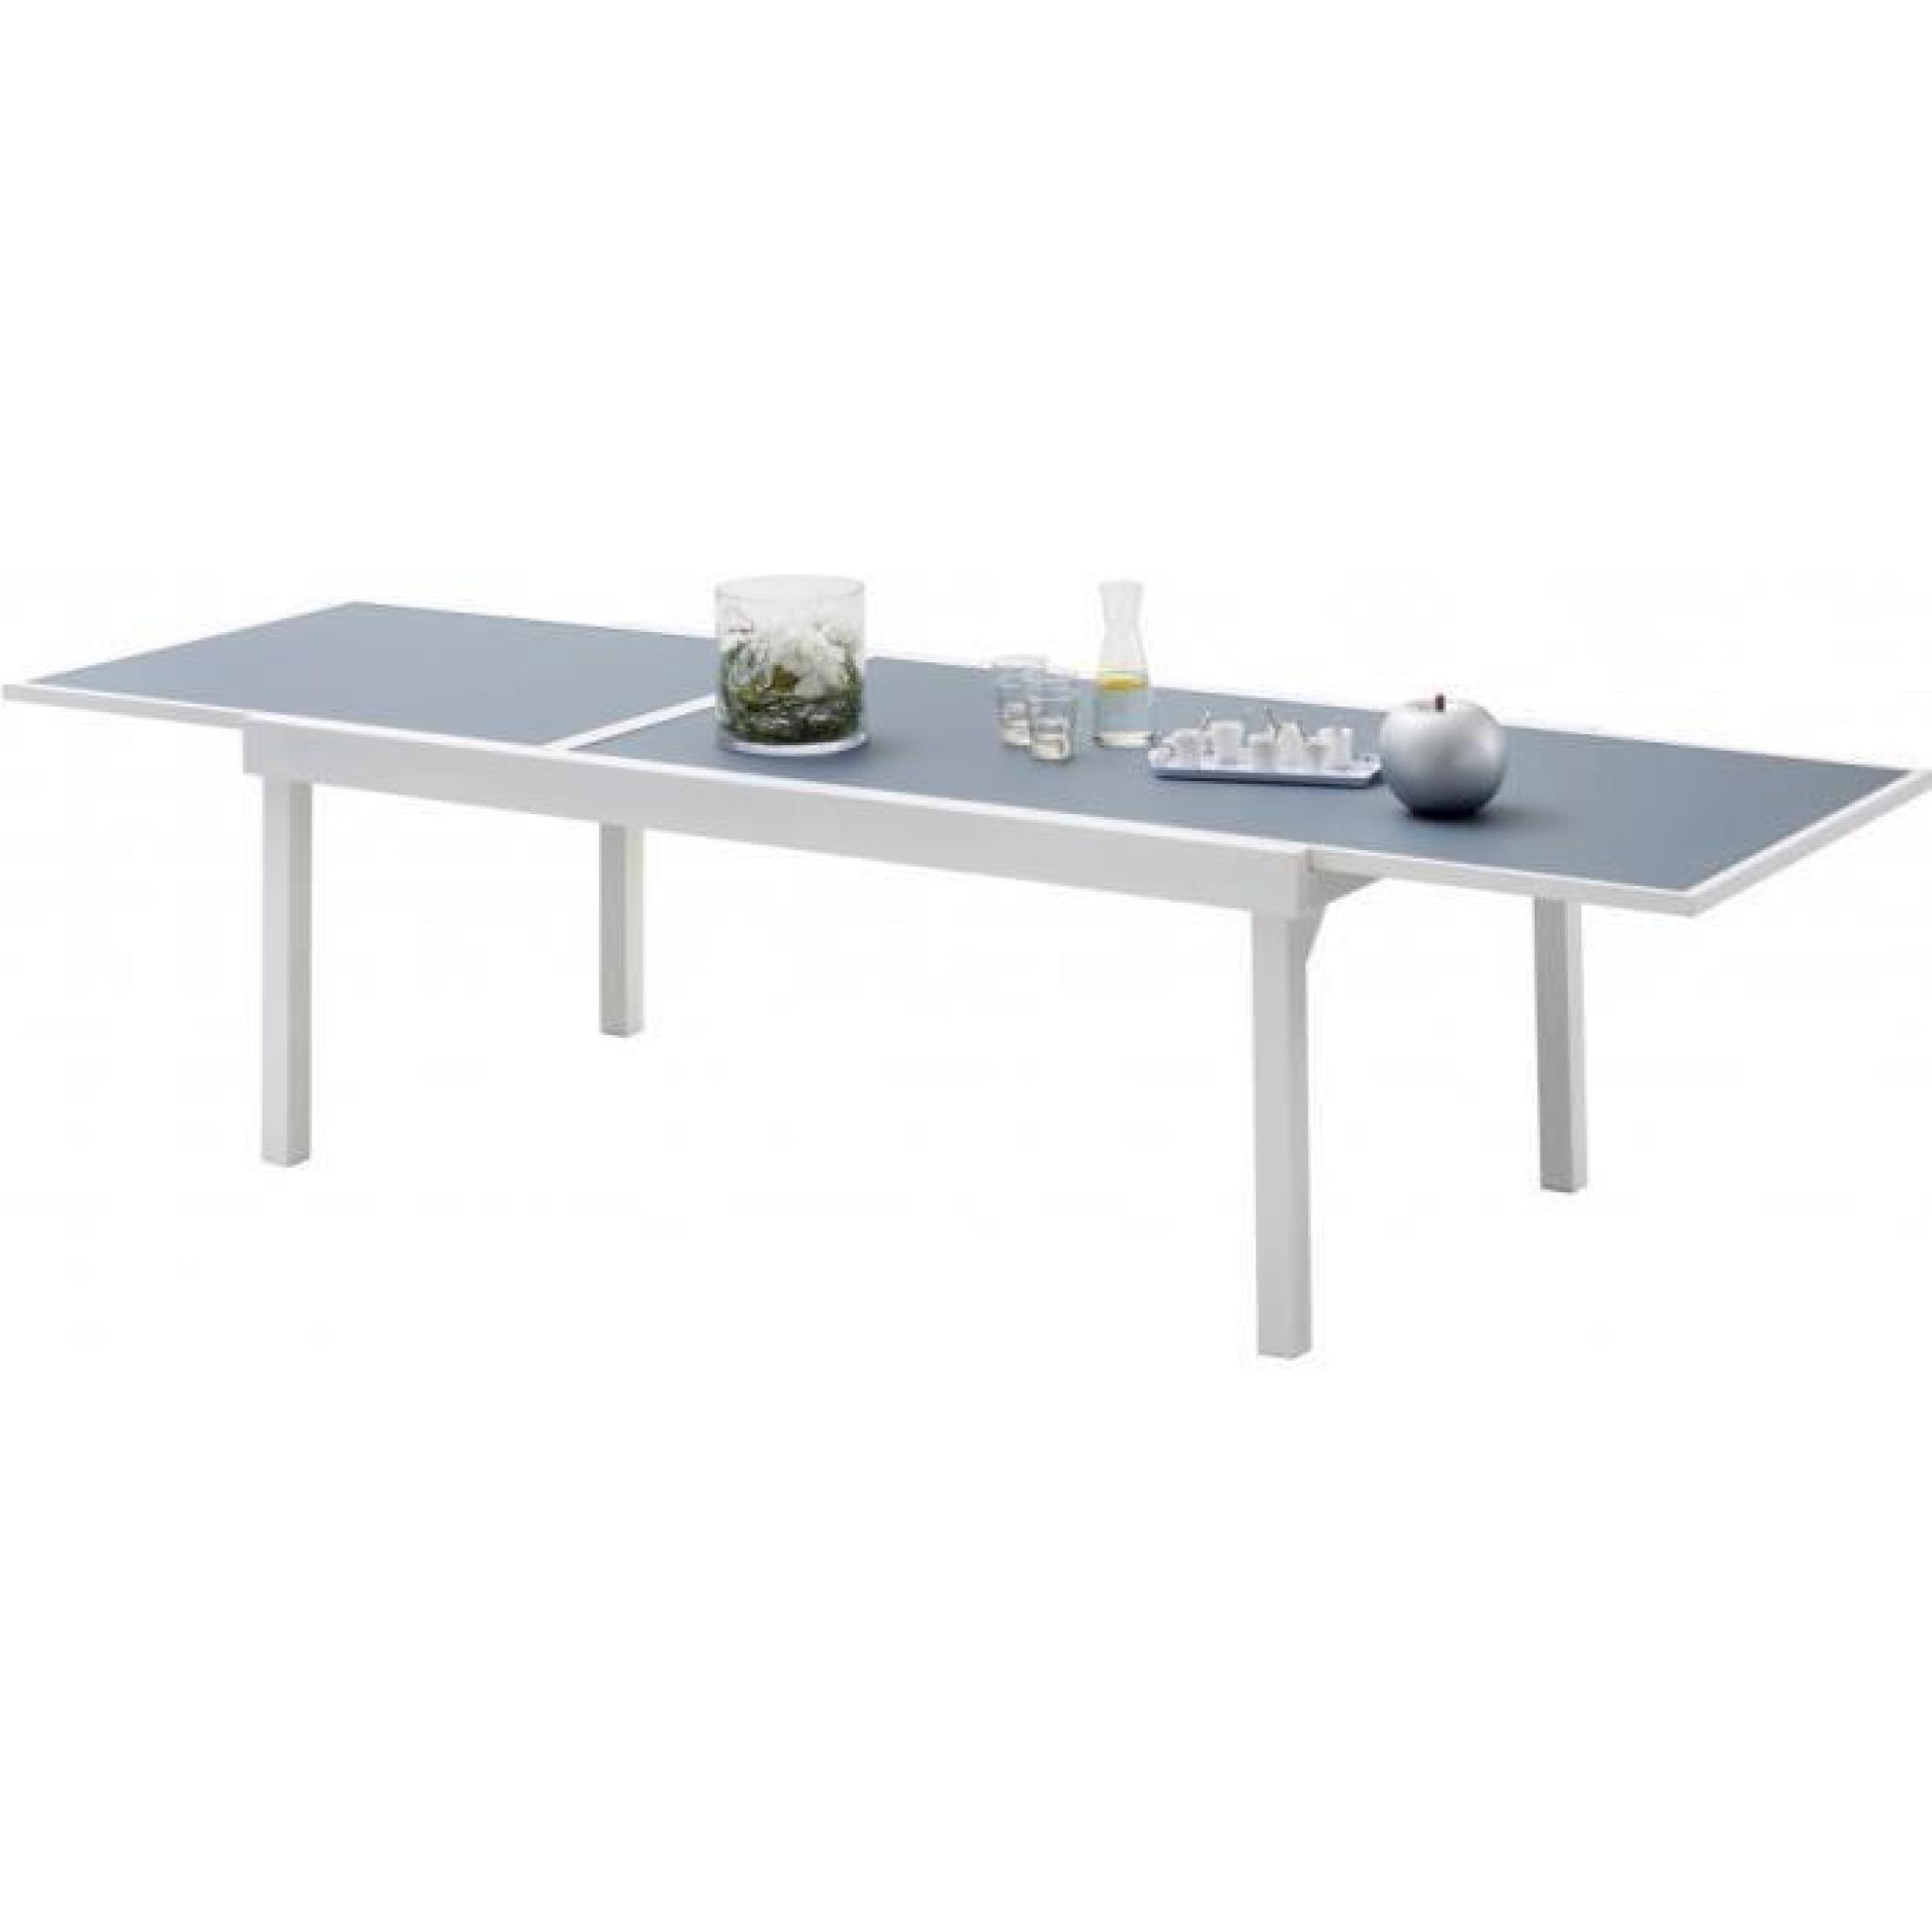 Table De Jardin Rectangulaire Extensible Aluminium Blanc Et Verre Trempé  Gris L135 destiné Table De Jardin Aluminium Et Verre